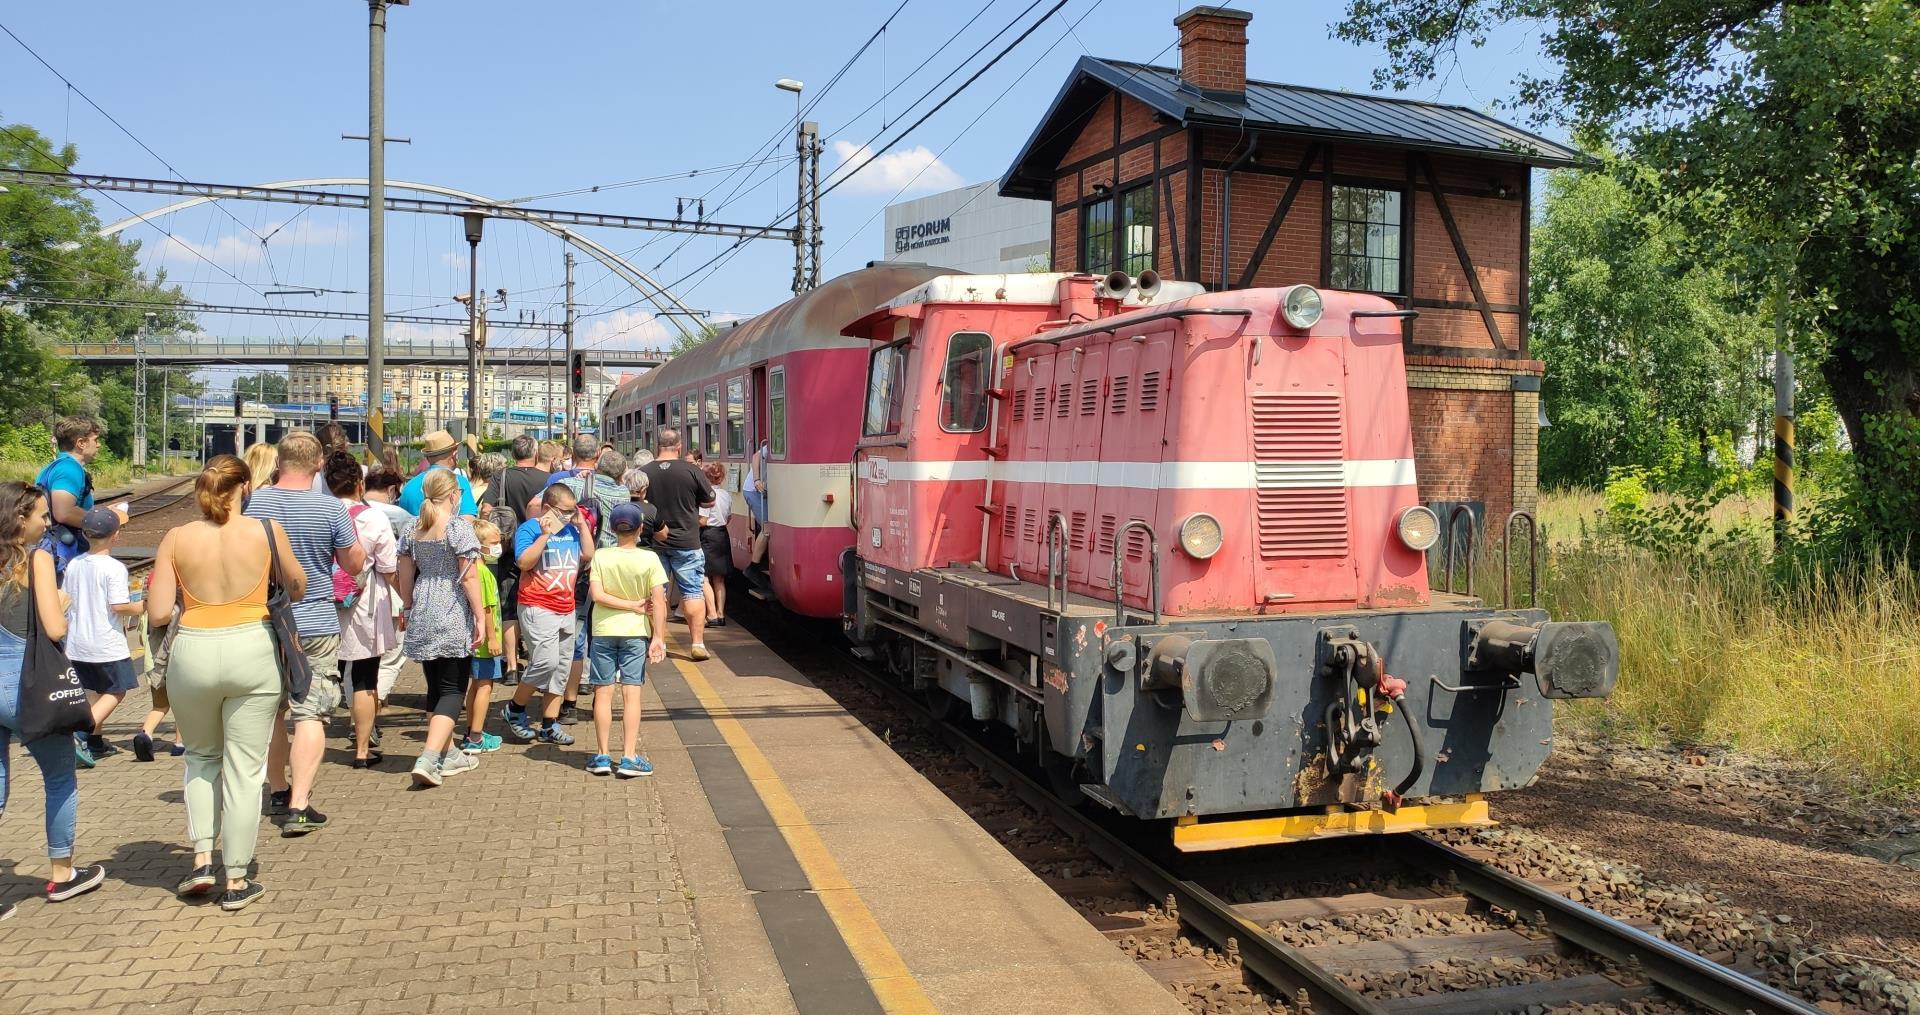 Báňské spěšné vlaky po OKR 2021